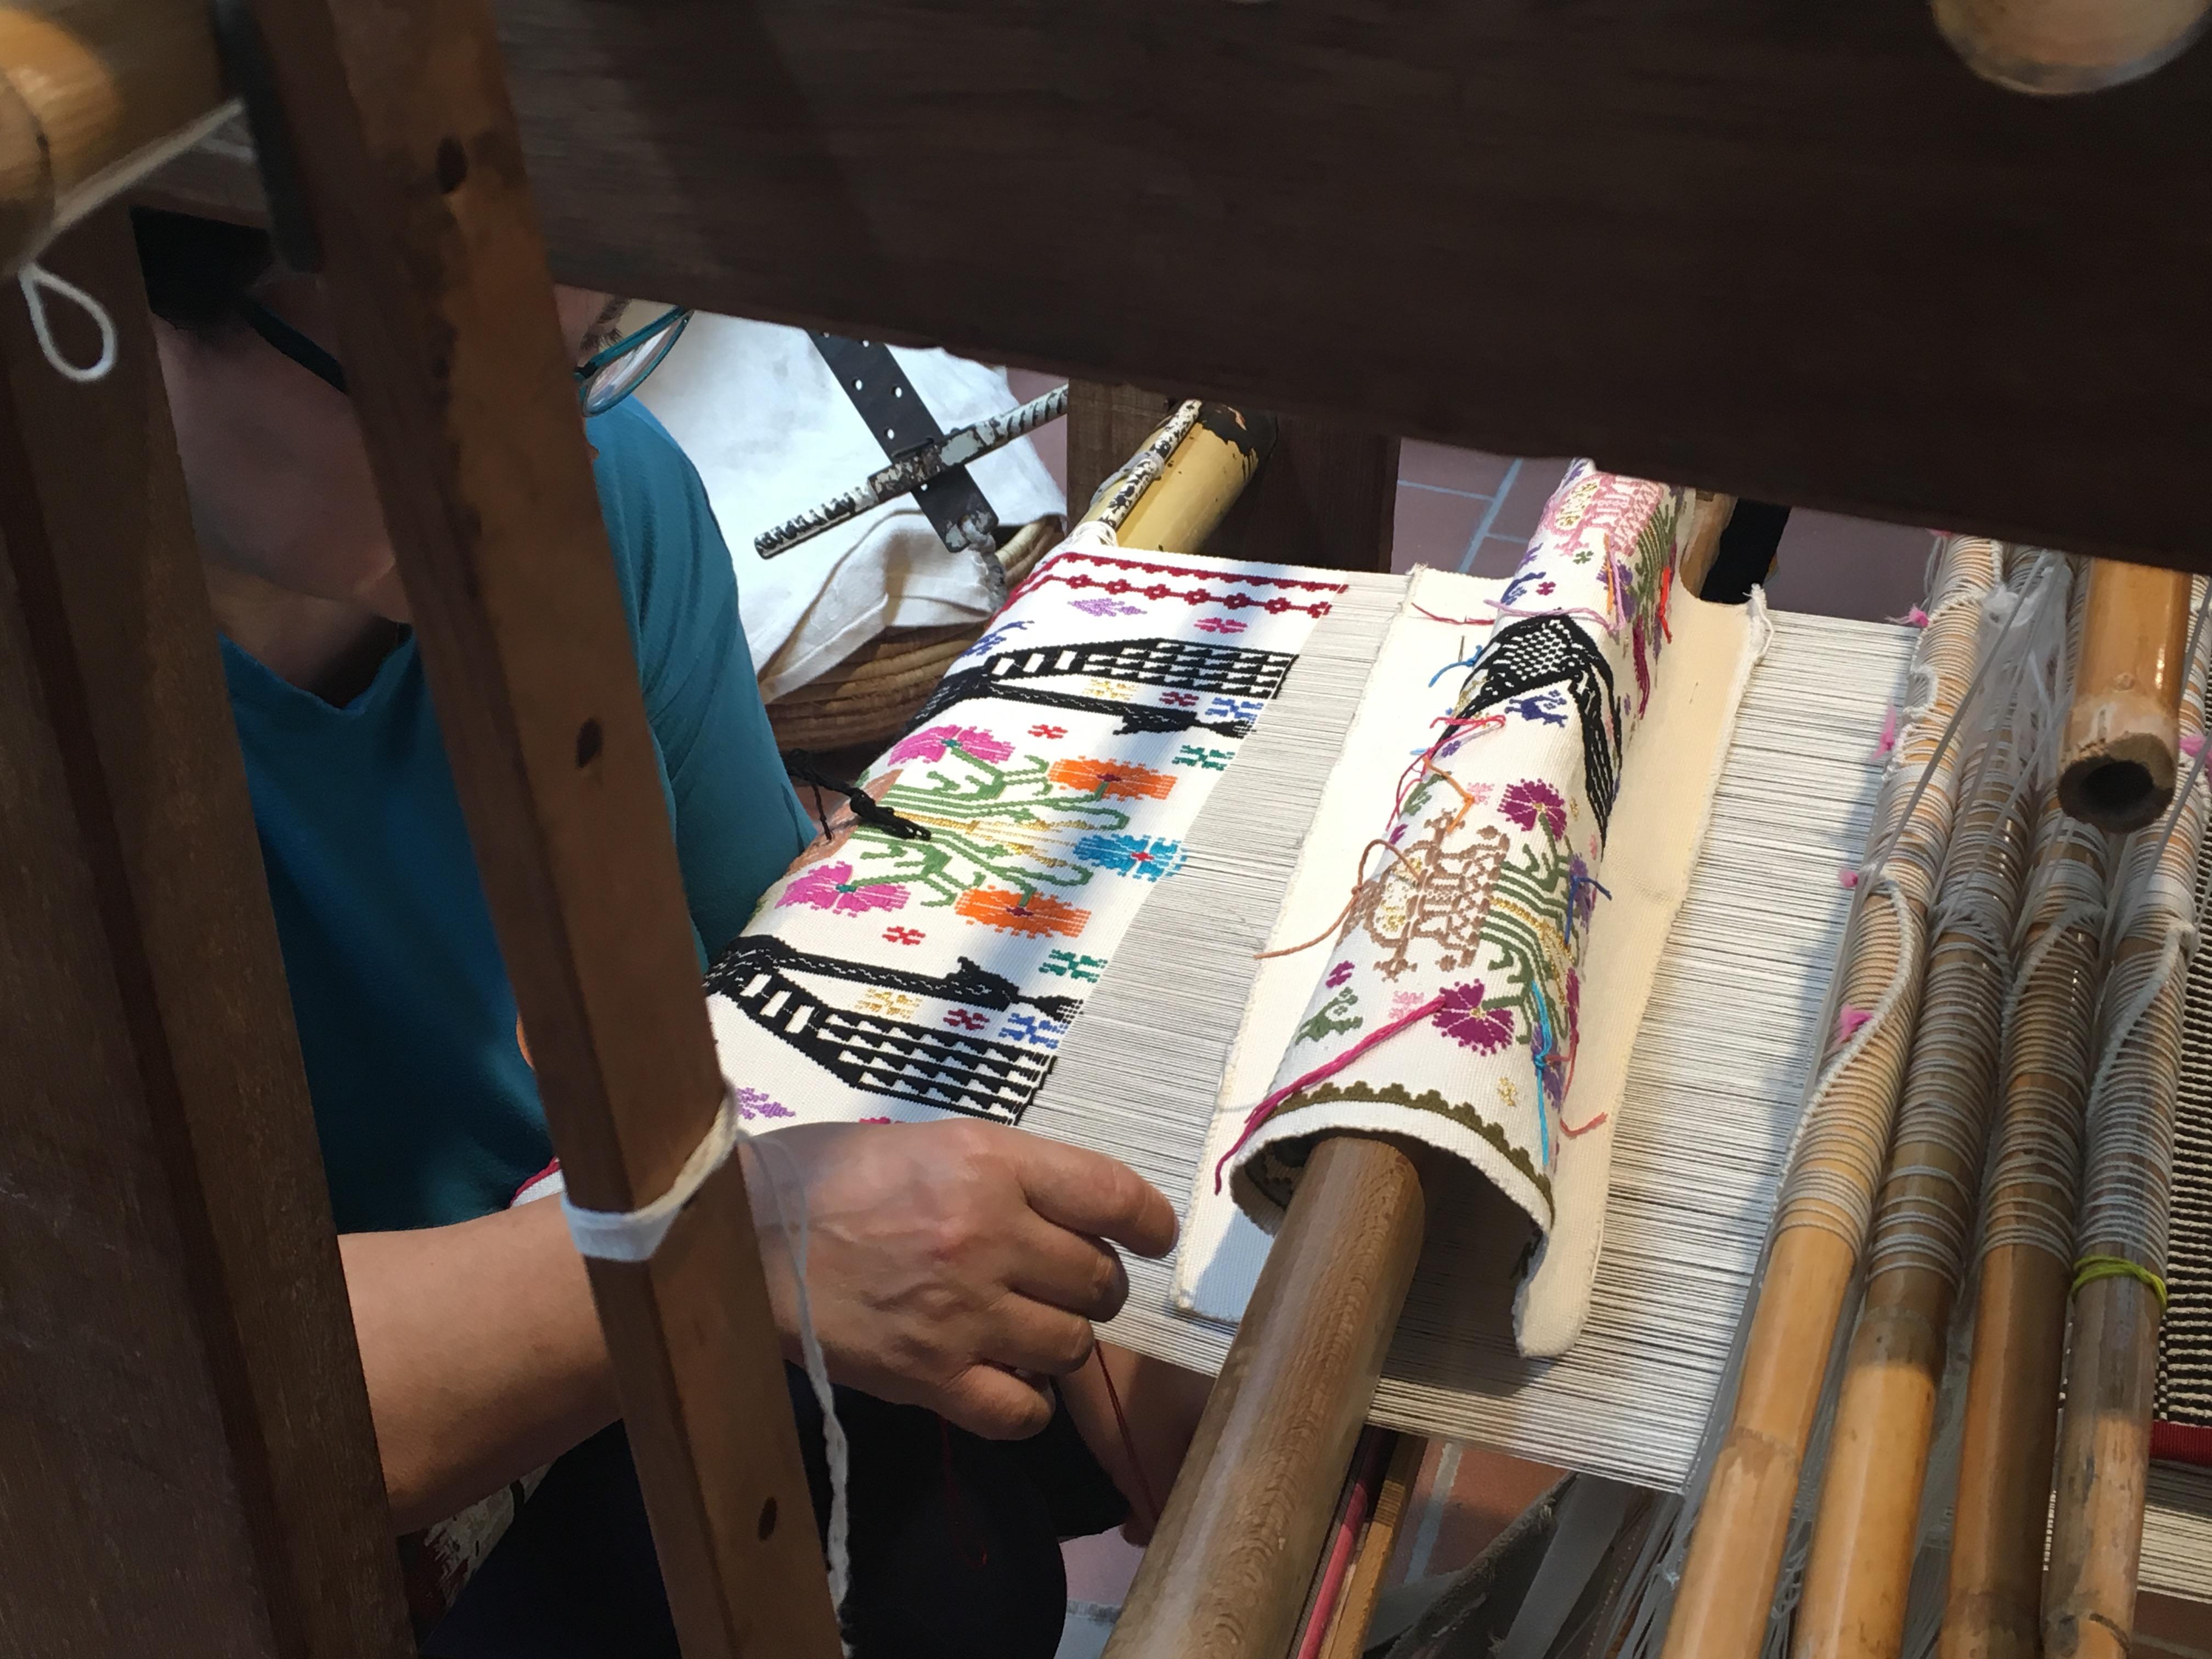 Tessitura a mano - Fiera dell'Artigianato artistico della Sardegna - Mogoro (Or) - Orizzonte Cultura